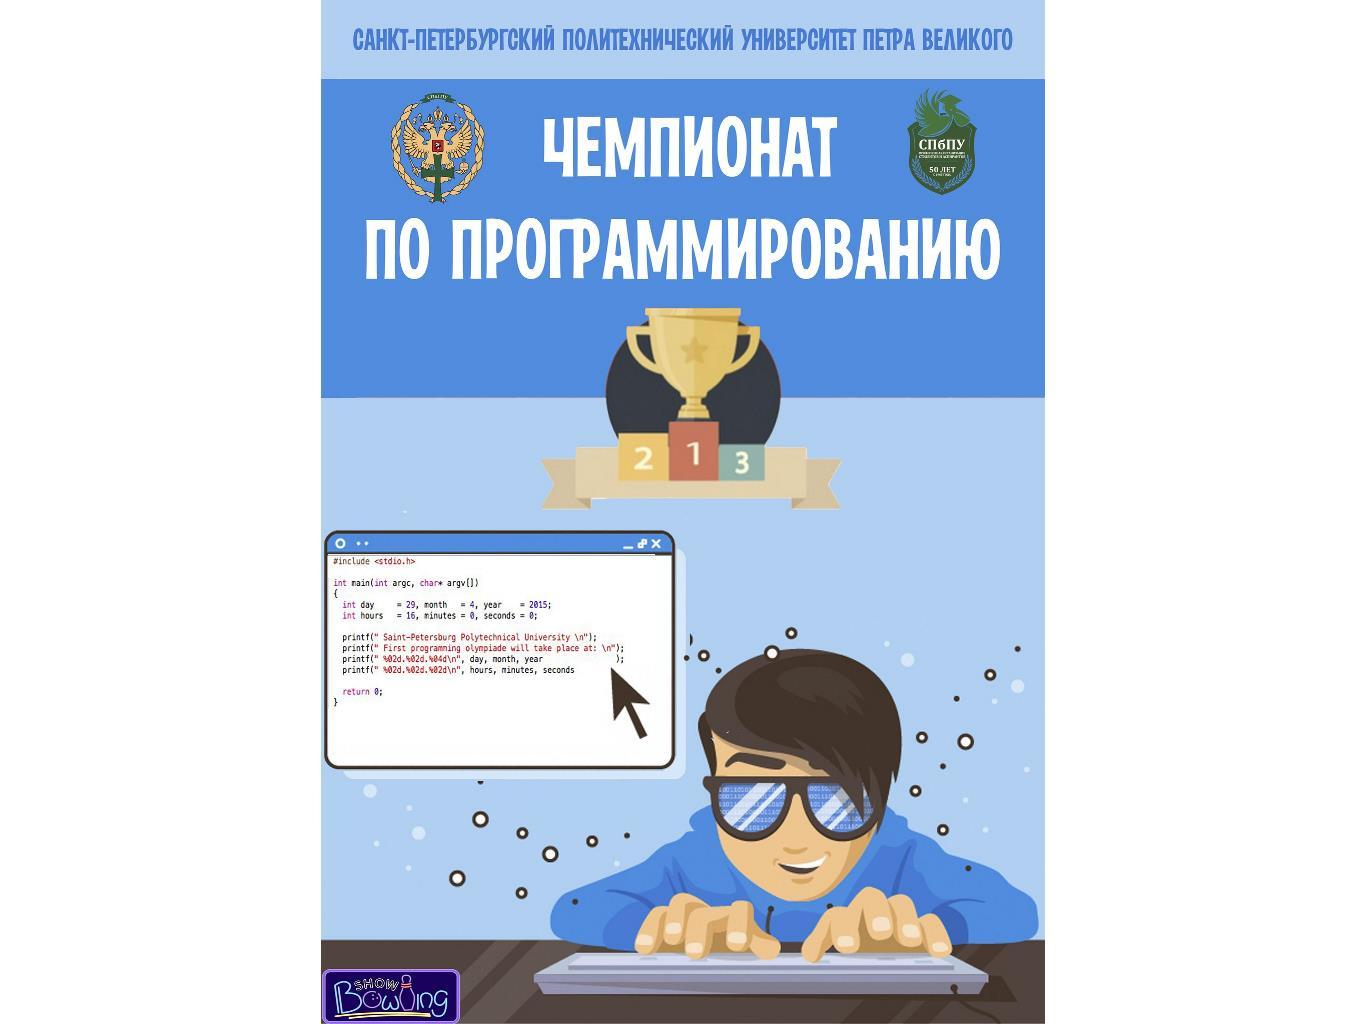 Успех студентов кафедры на I Чемпионате СПбПУ по программированию